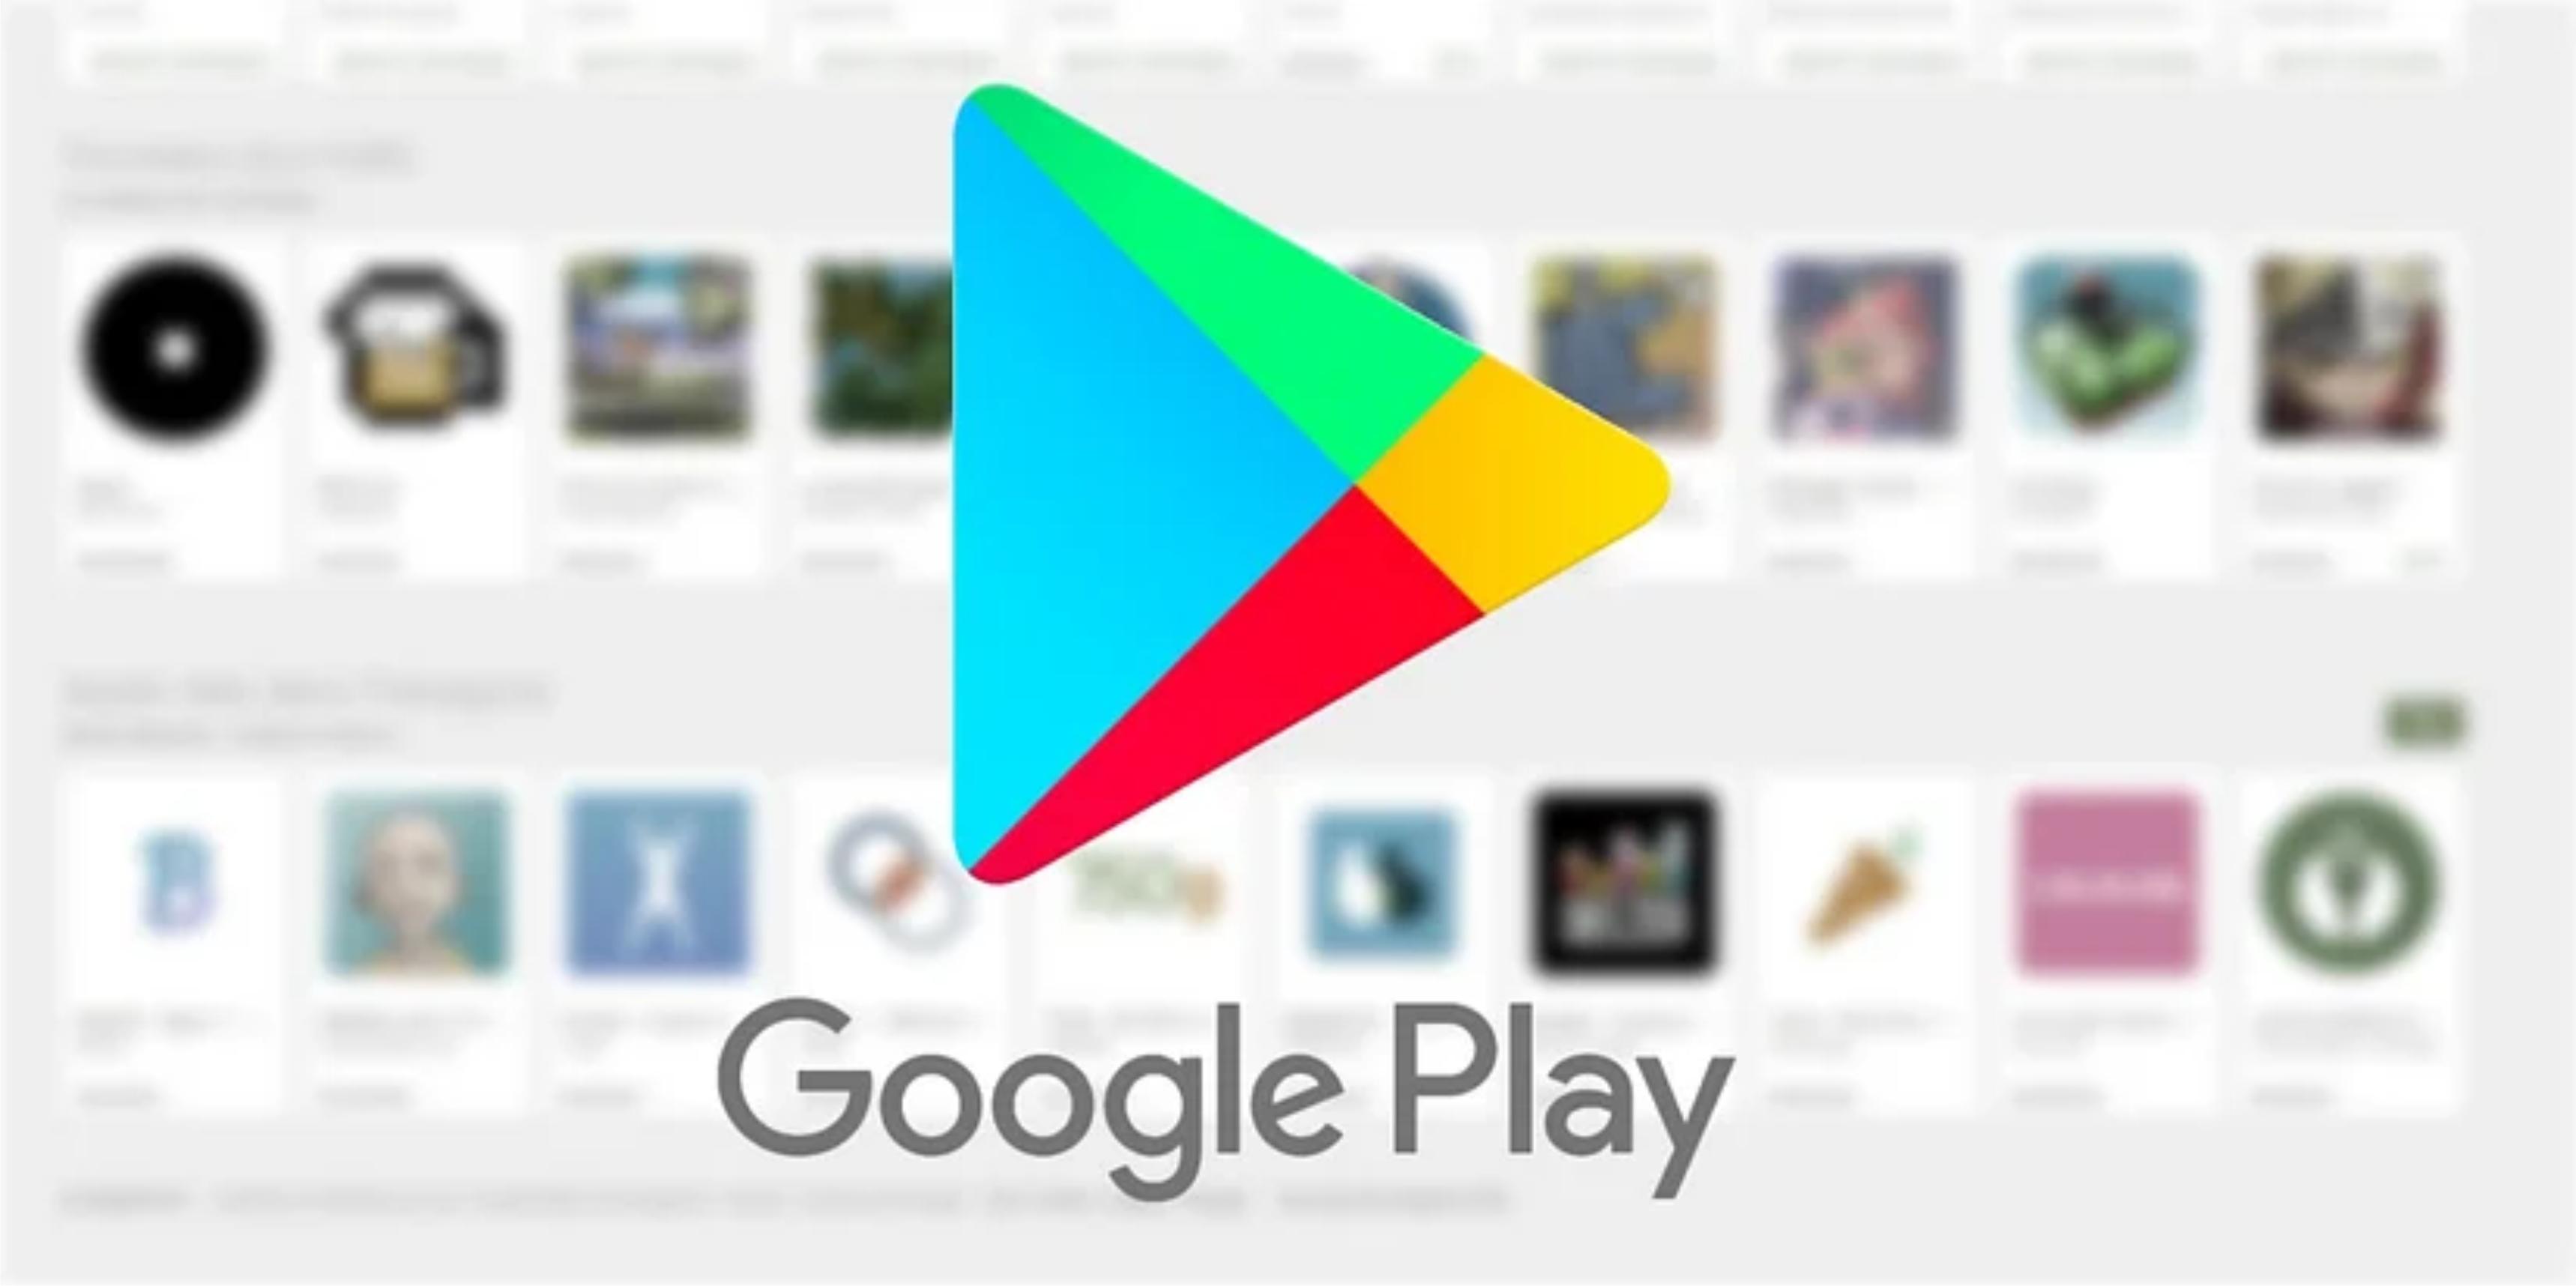 Play Store पर नहीं रह पाएंगे ऐसे ऐप जो कमाई का 30 प्रतिशत नहीं देंगे, डेवलपर्स का भारी विरोध